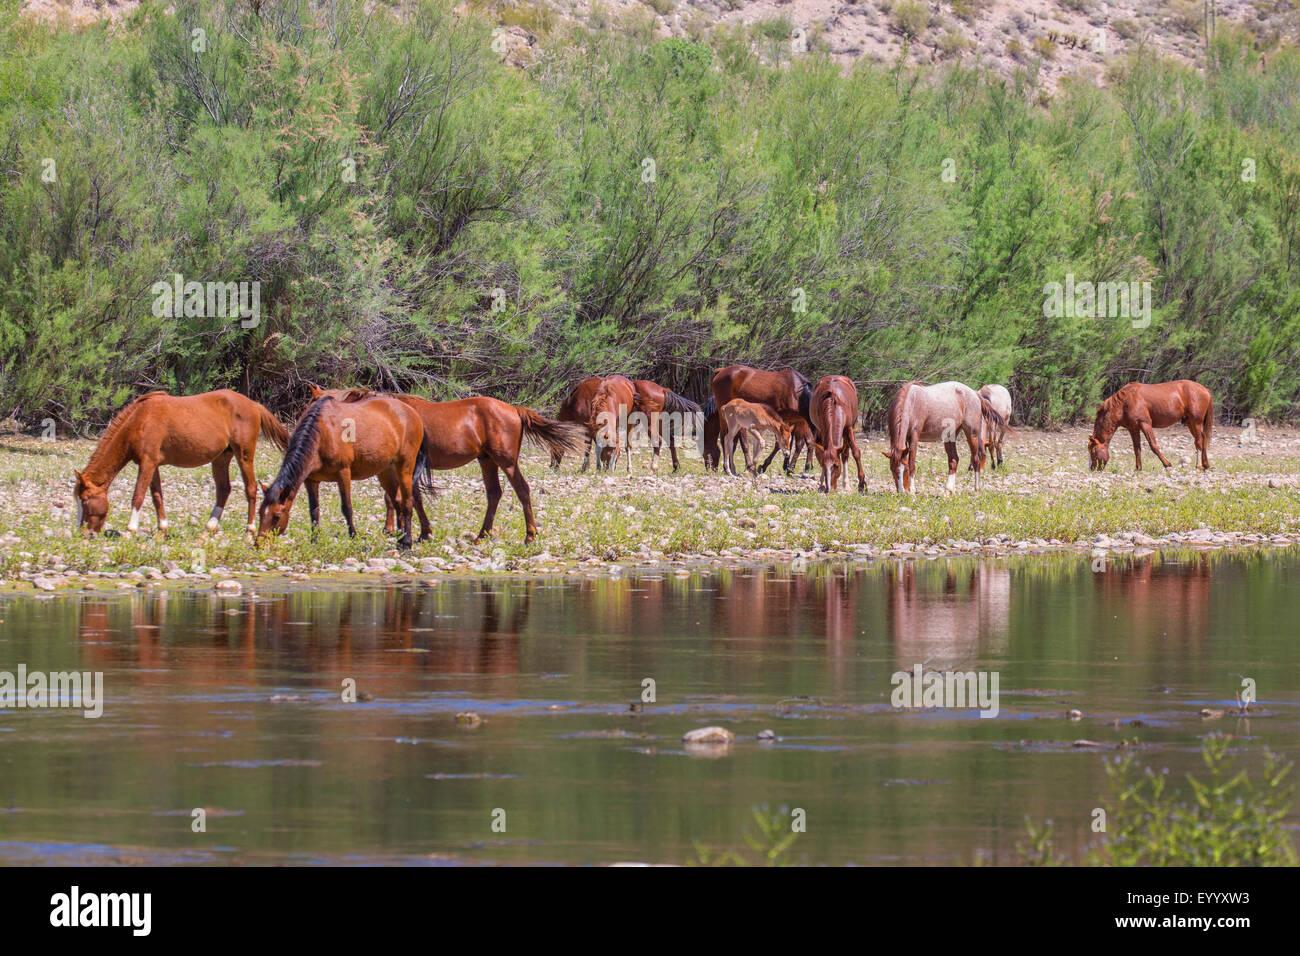 inländische Pferd (Equus Przewalskii F. Caballus), wilde Pferde weiden am Fluss Ufer, USA, Arizona, Salt River Stockbild